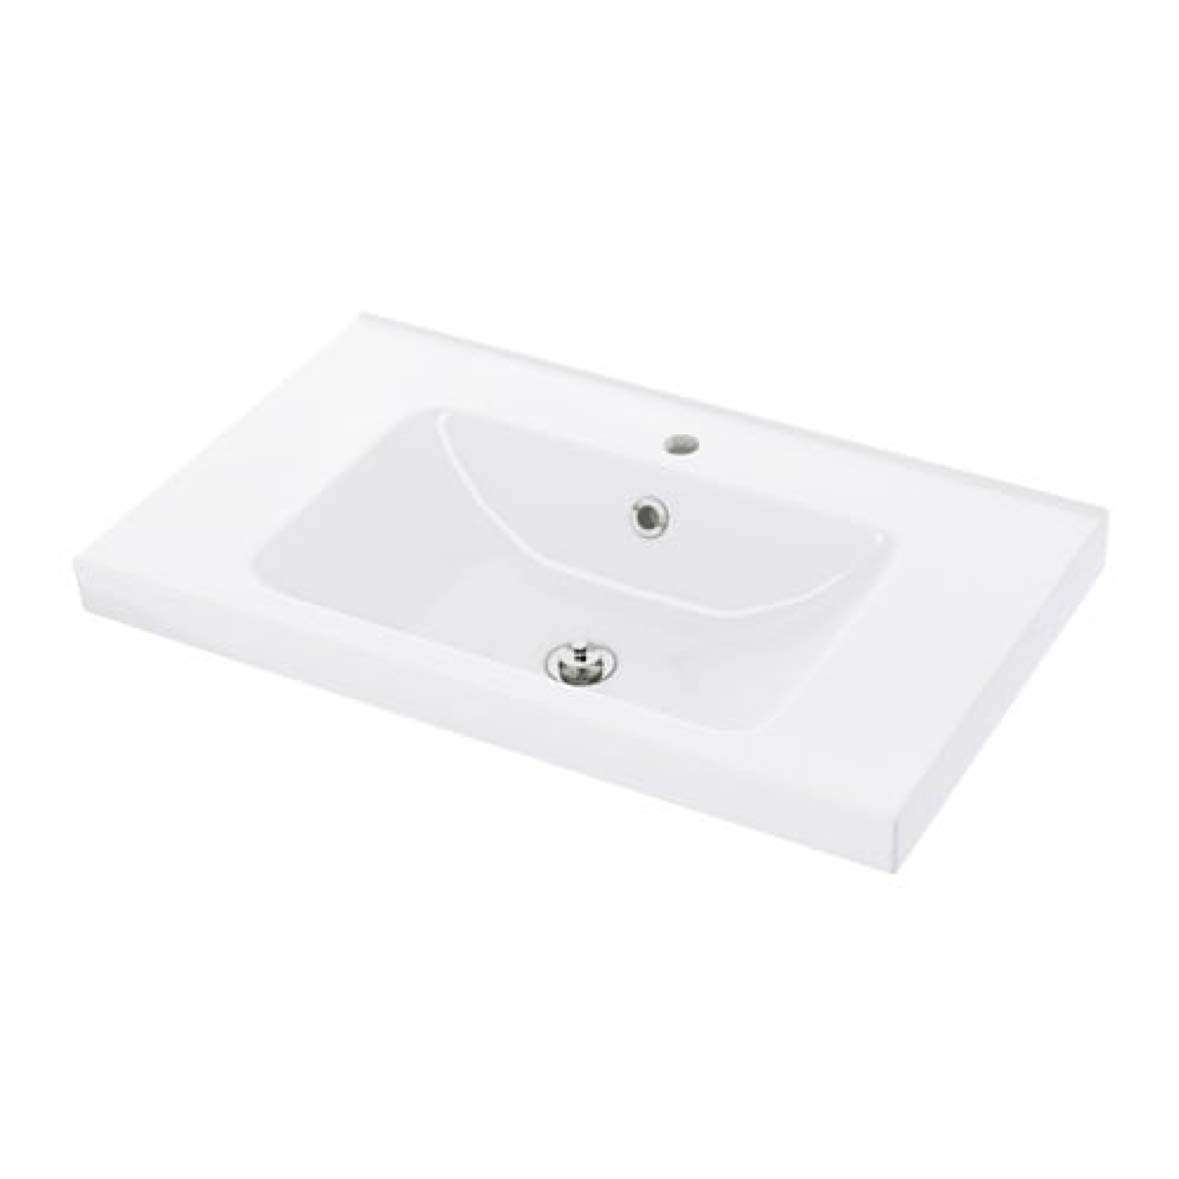 IKEA Odensvik Sink 701.808.04 Size: 32 5/8x19 1/4x2 3/8'' by IKEA